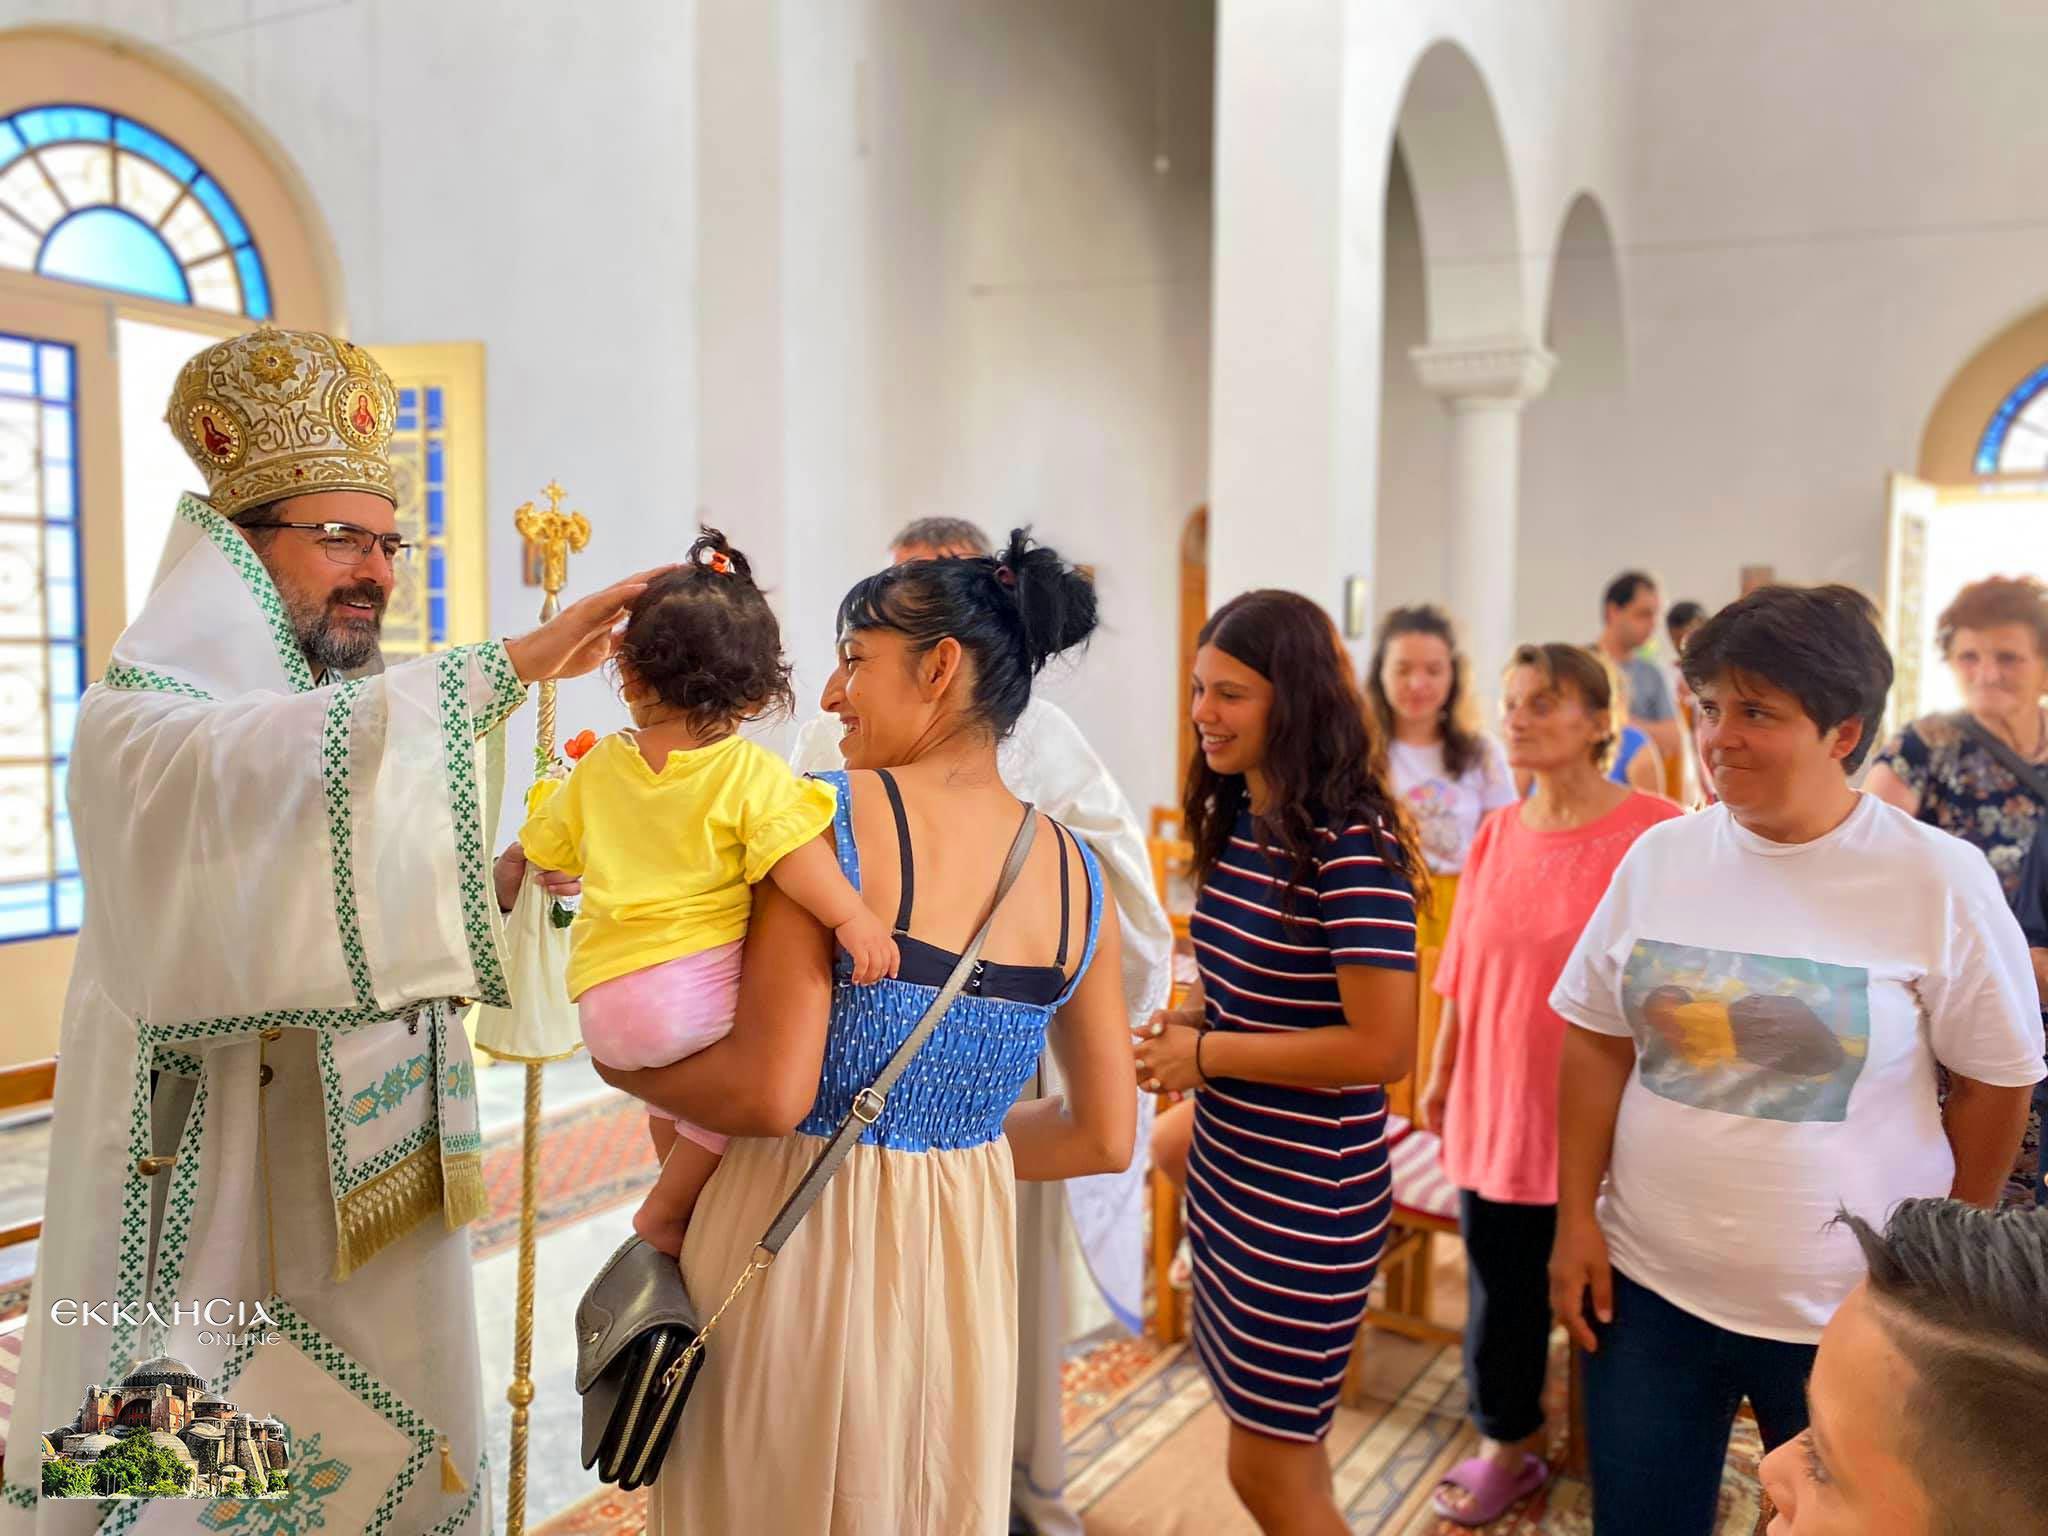 εορτασμός της Μεταμόρφωσης του Σωτήρος στην Μητροπολίτης Ελμπασάν